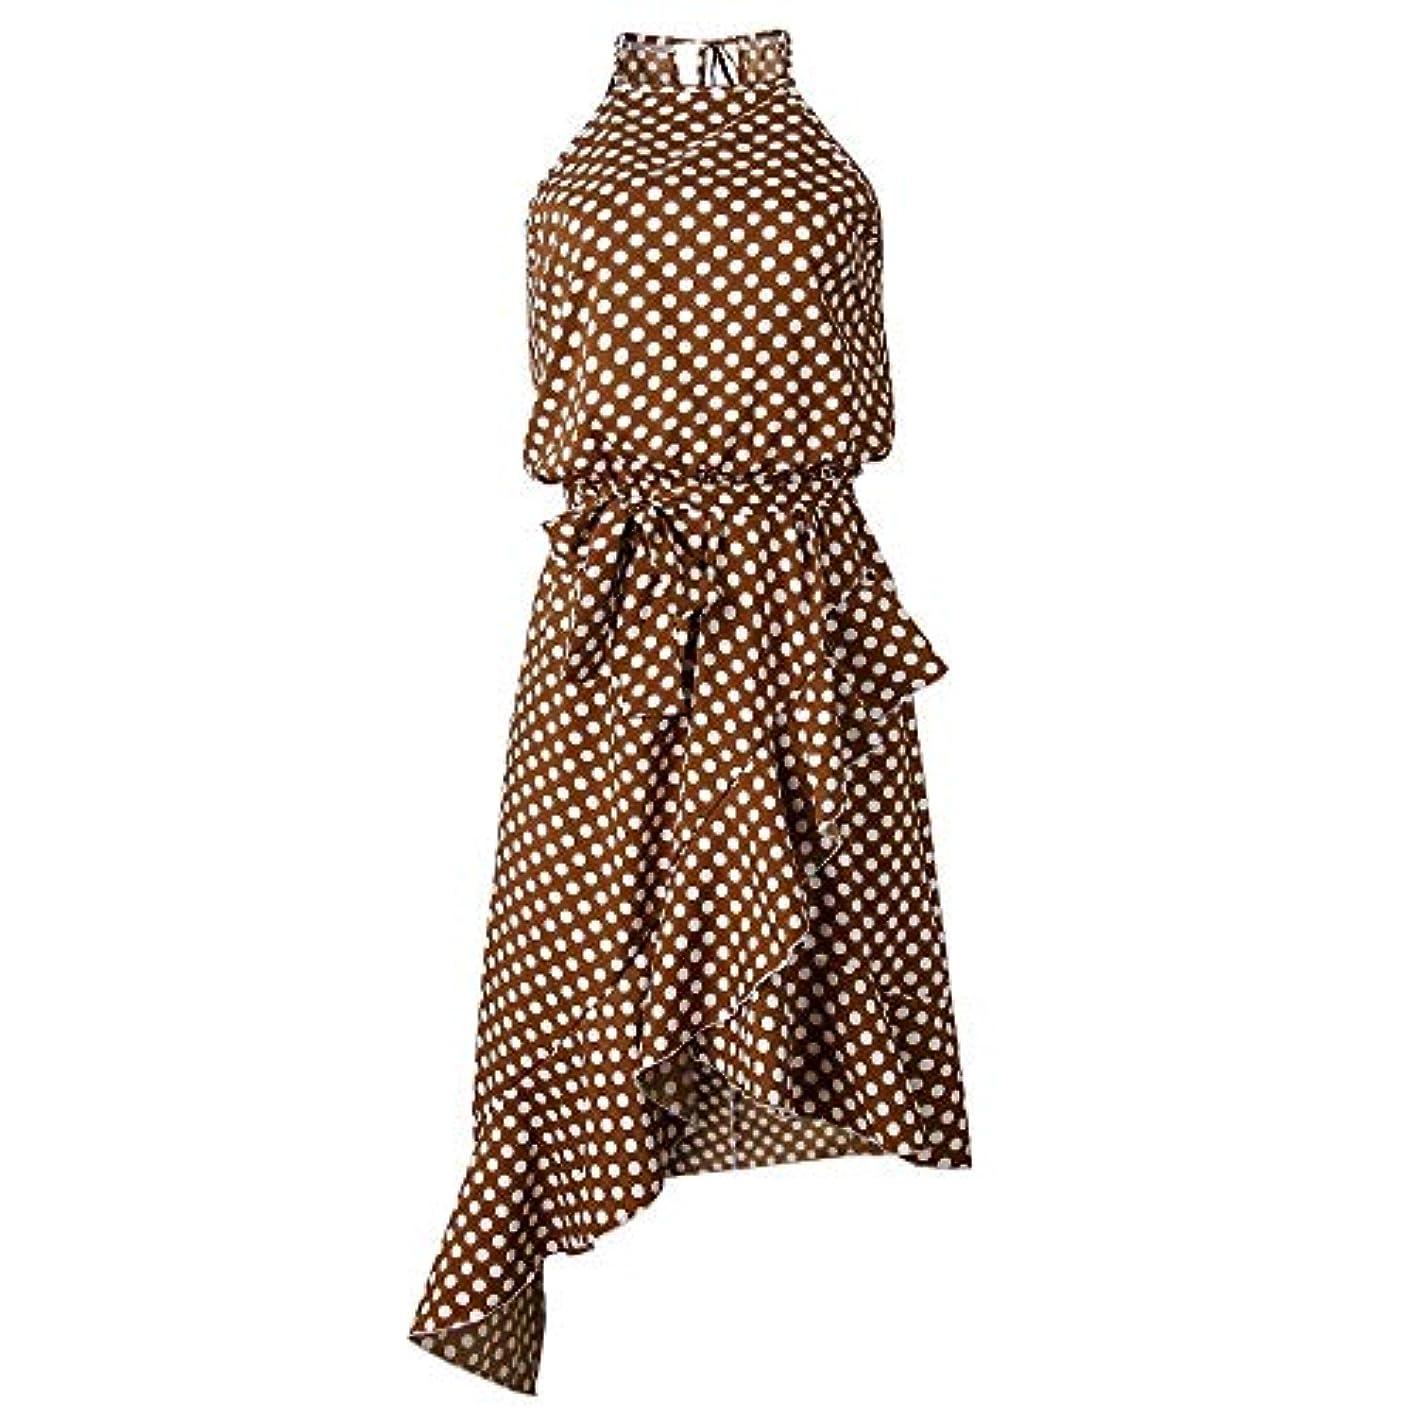 キャプテンブライ雄弁なメジャーMaxcrestas - 夏のドレスの女性の新しいファッションホルターポルカドットプリントカジュアルドレスレディースフリルエレガントなドレス